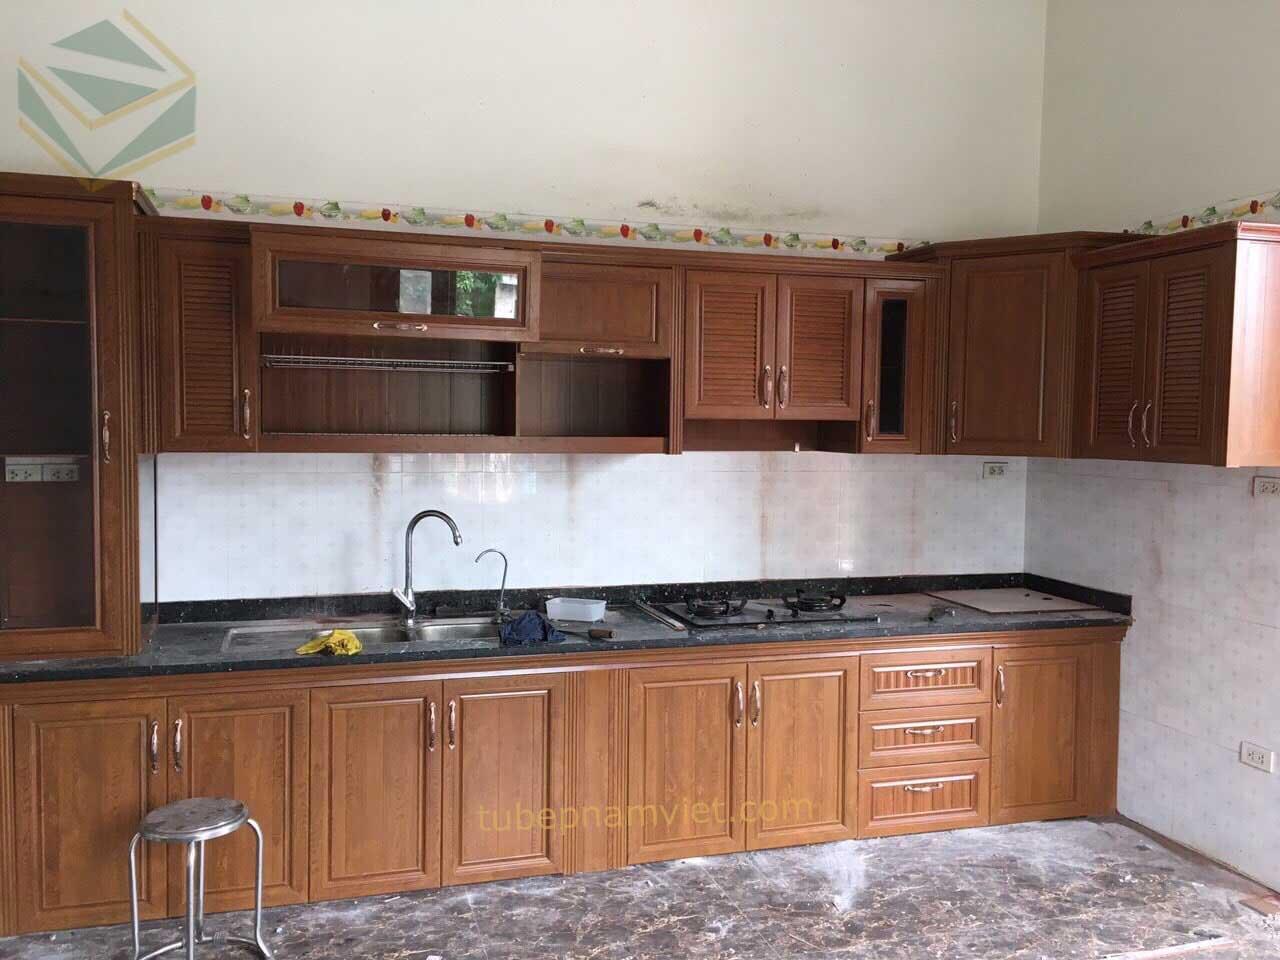 Nhận đóng tủ bếp nhôm giả gỗ cao cấp sang trọng quận Bình Thạnh